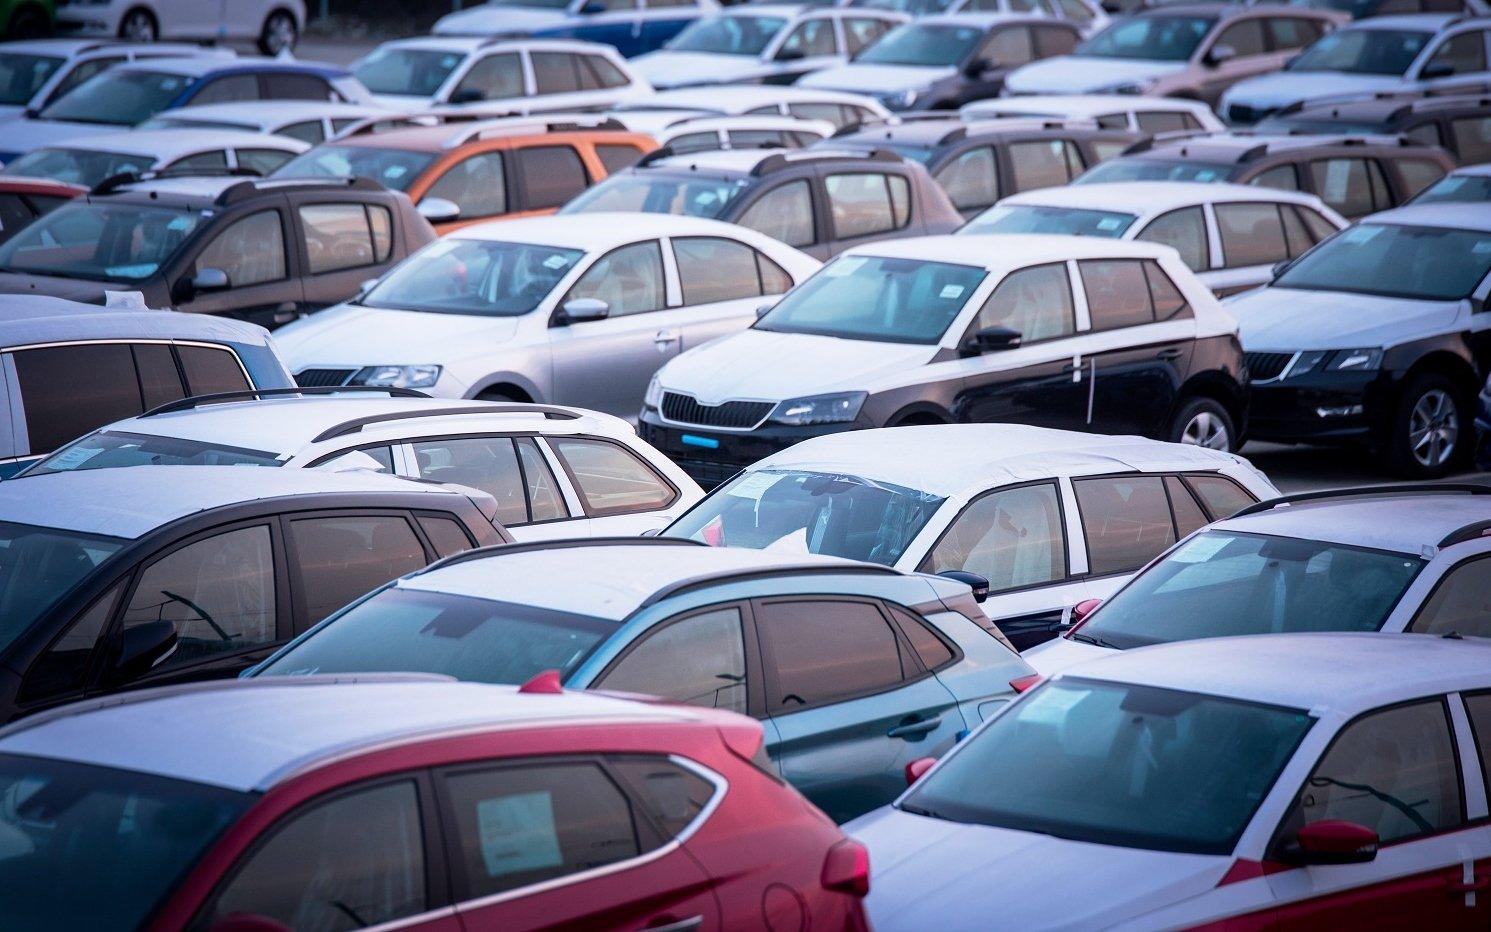 Thuế trước bạ xe ô tô cũ là 2% x giá trị sử dụng còn lại của xe x giá bán ban đầu.